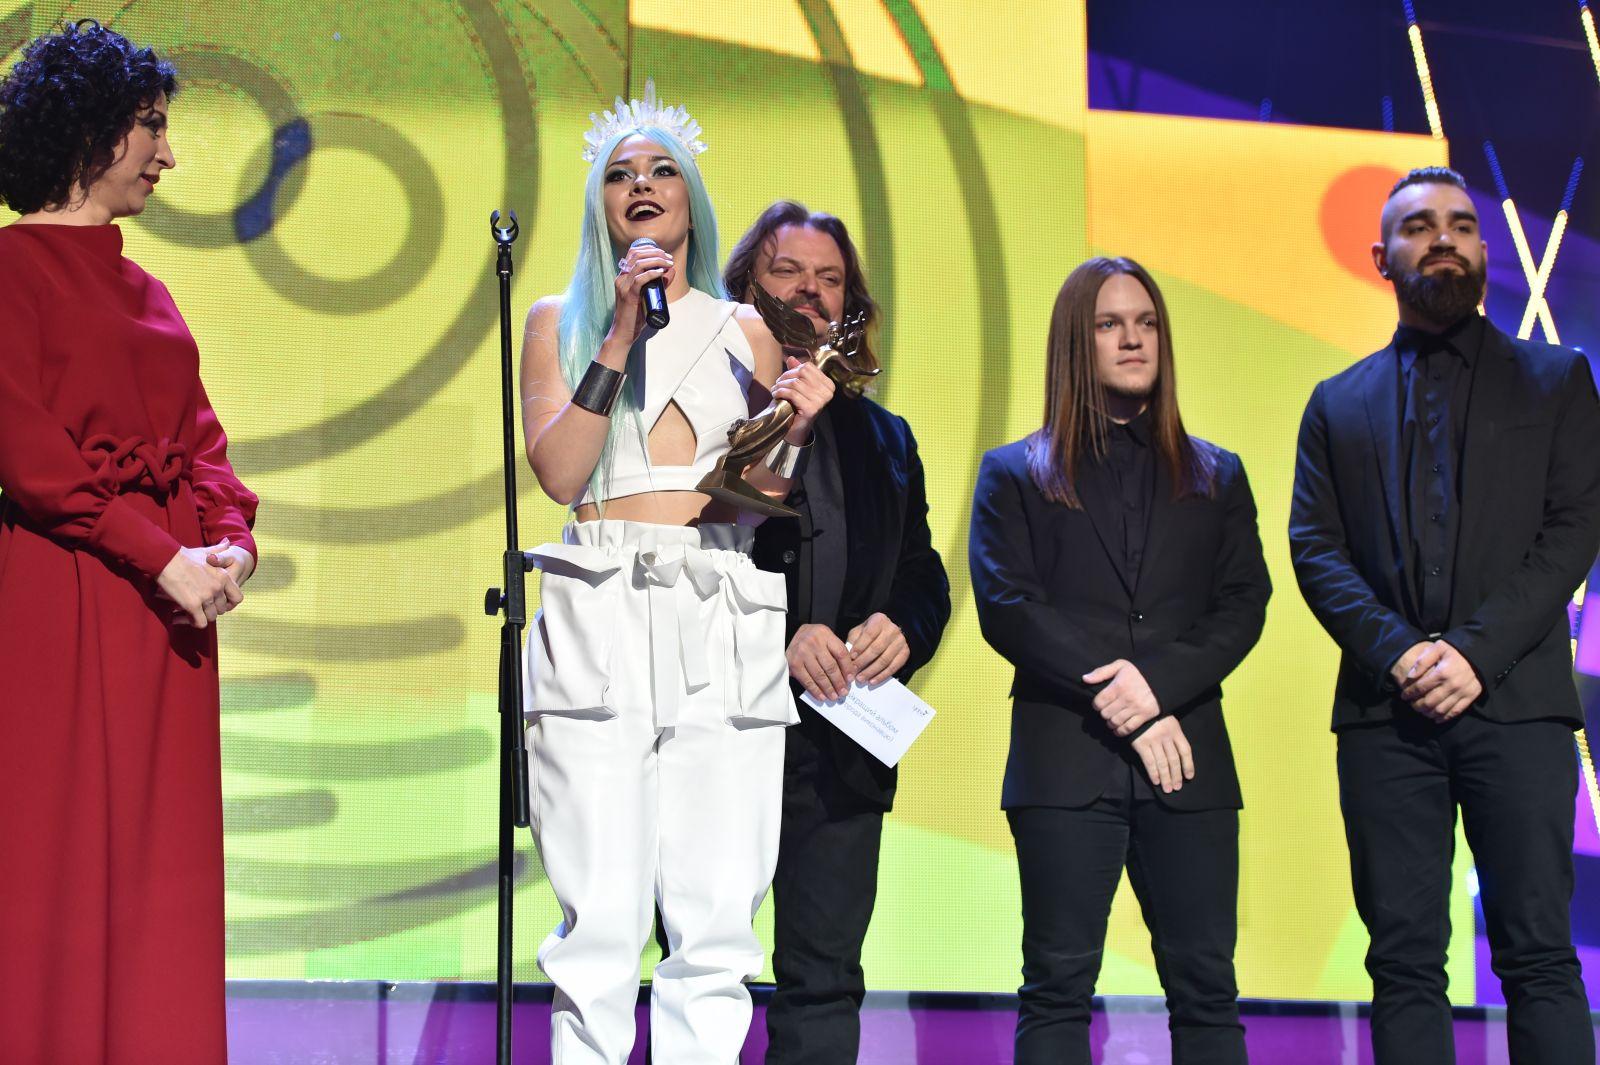 YUNA: названы лучшие исполнители и группы украинской сцены 2014 года - фото №2